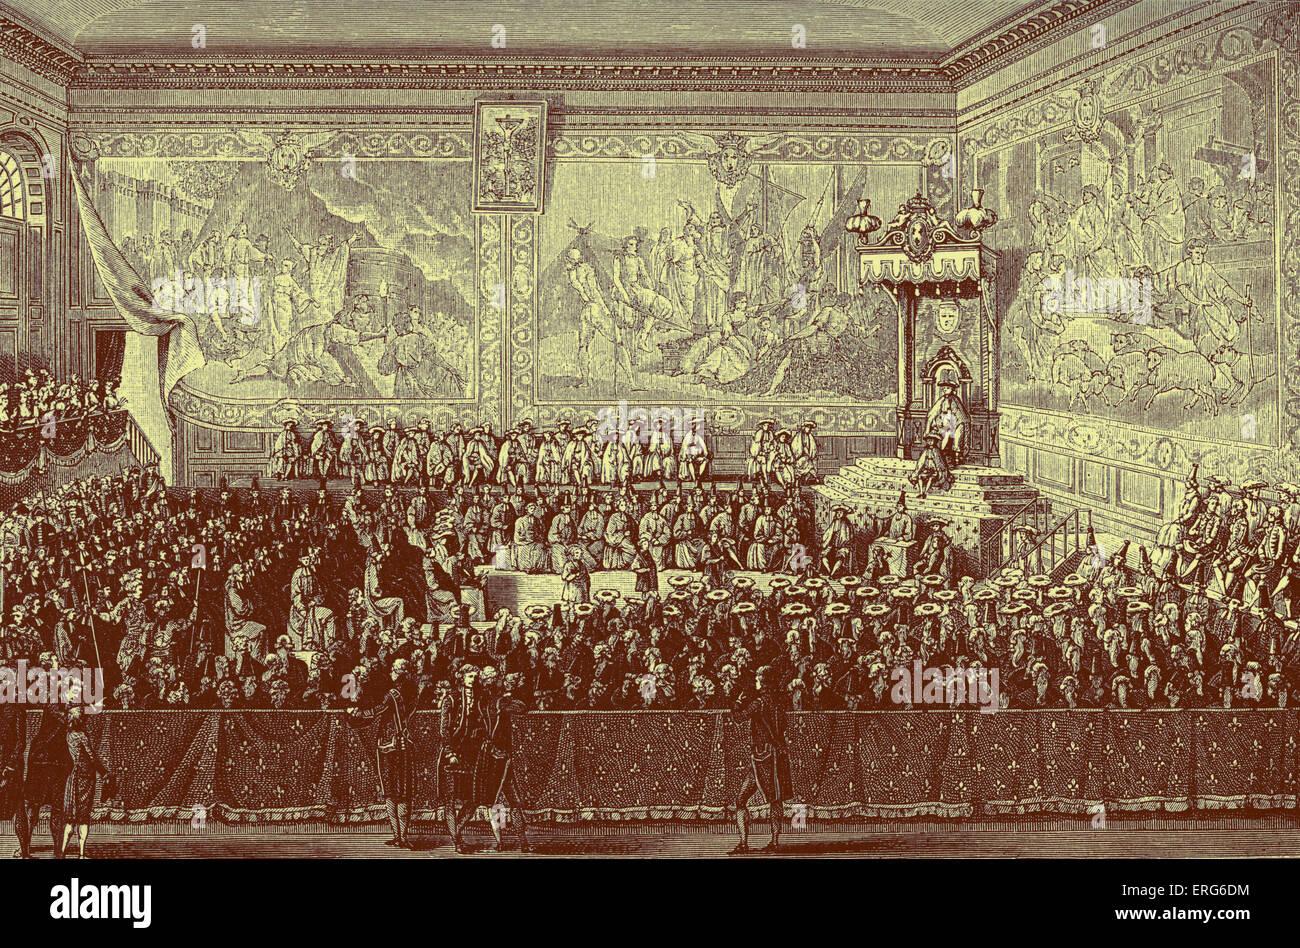 Luis XV, rey de Francia: la cama de justicia celebrada en Versalles, en 1776. Símbolo del poder político sobre el sistema judicial. Foto de stock